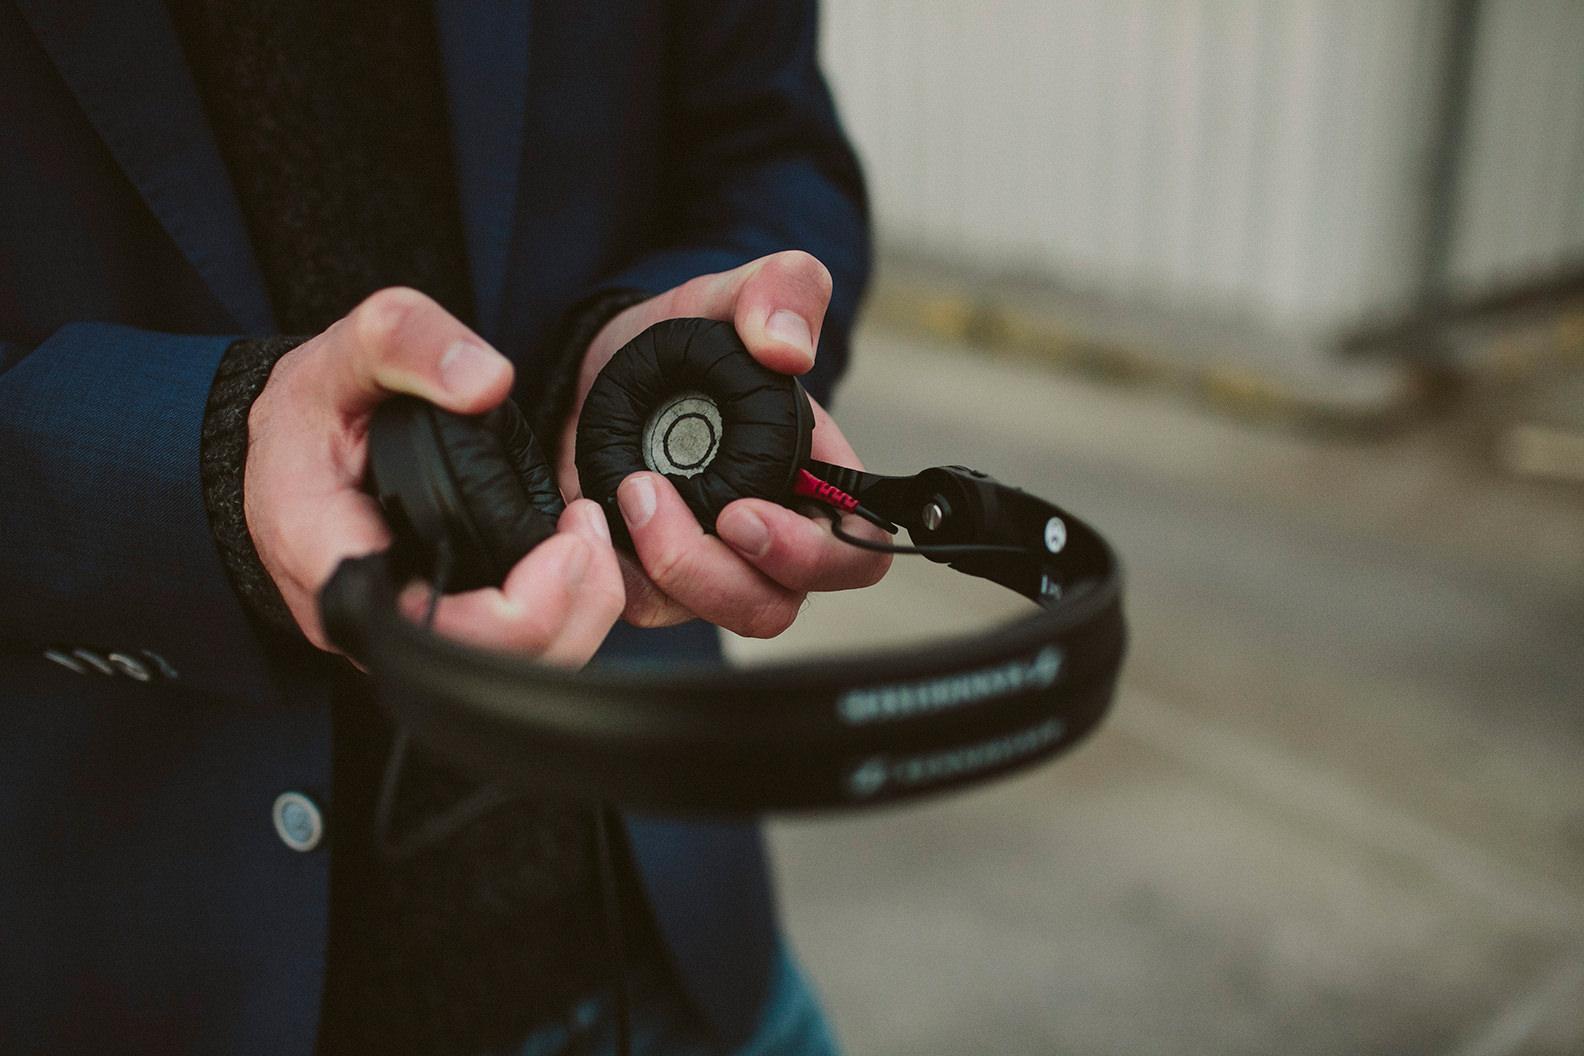 Hochzeits- und Event-DJ Markus Rosenbaum hält Kopfhörer in den Händen